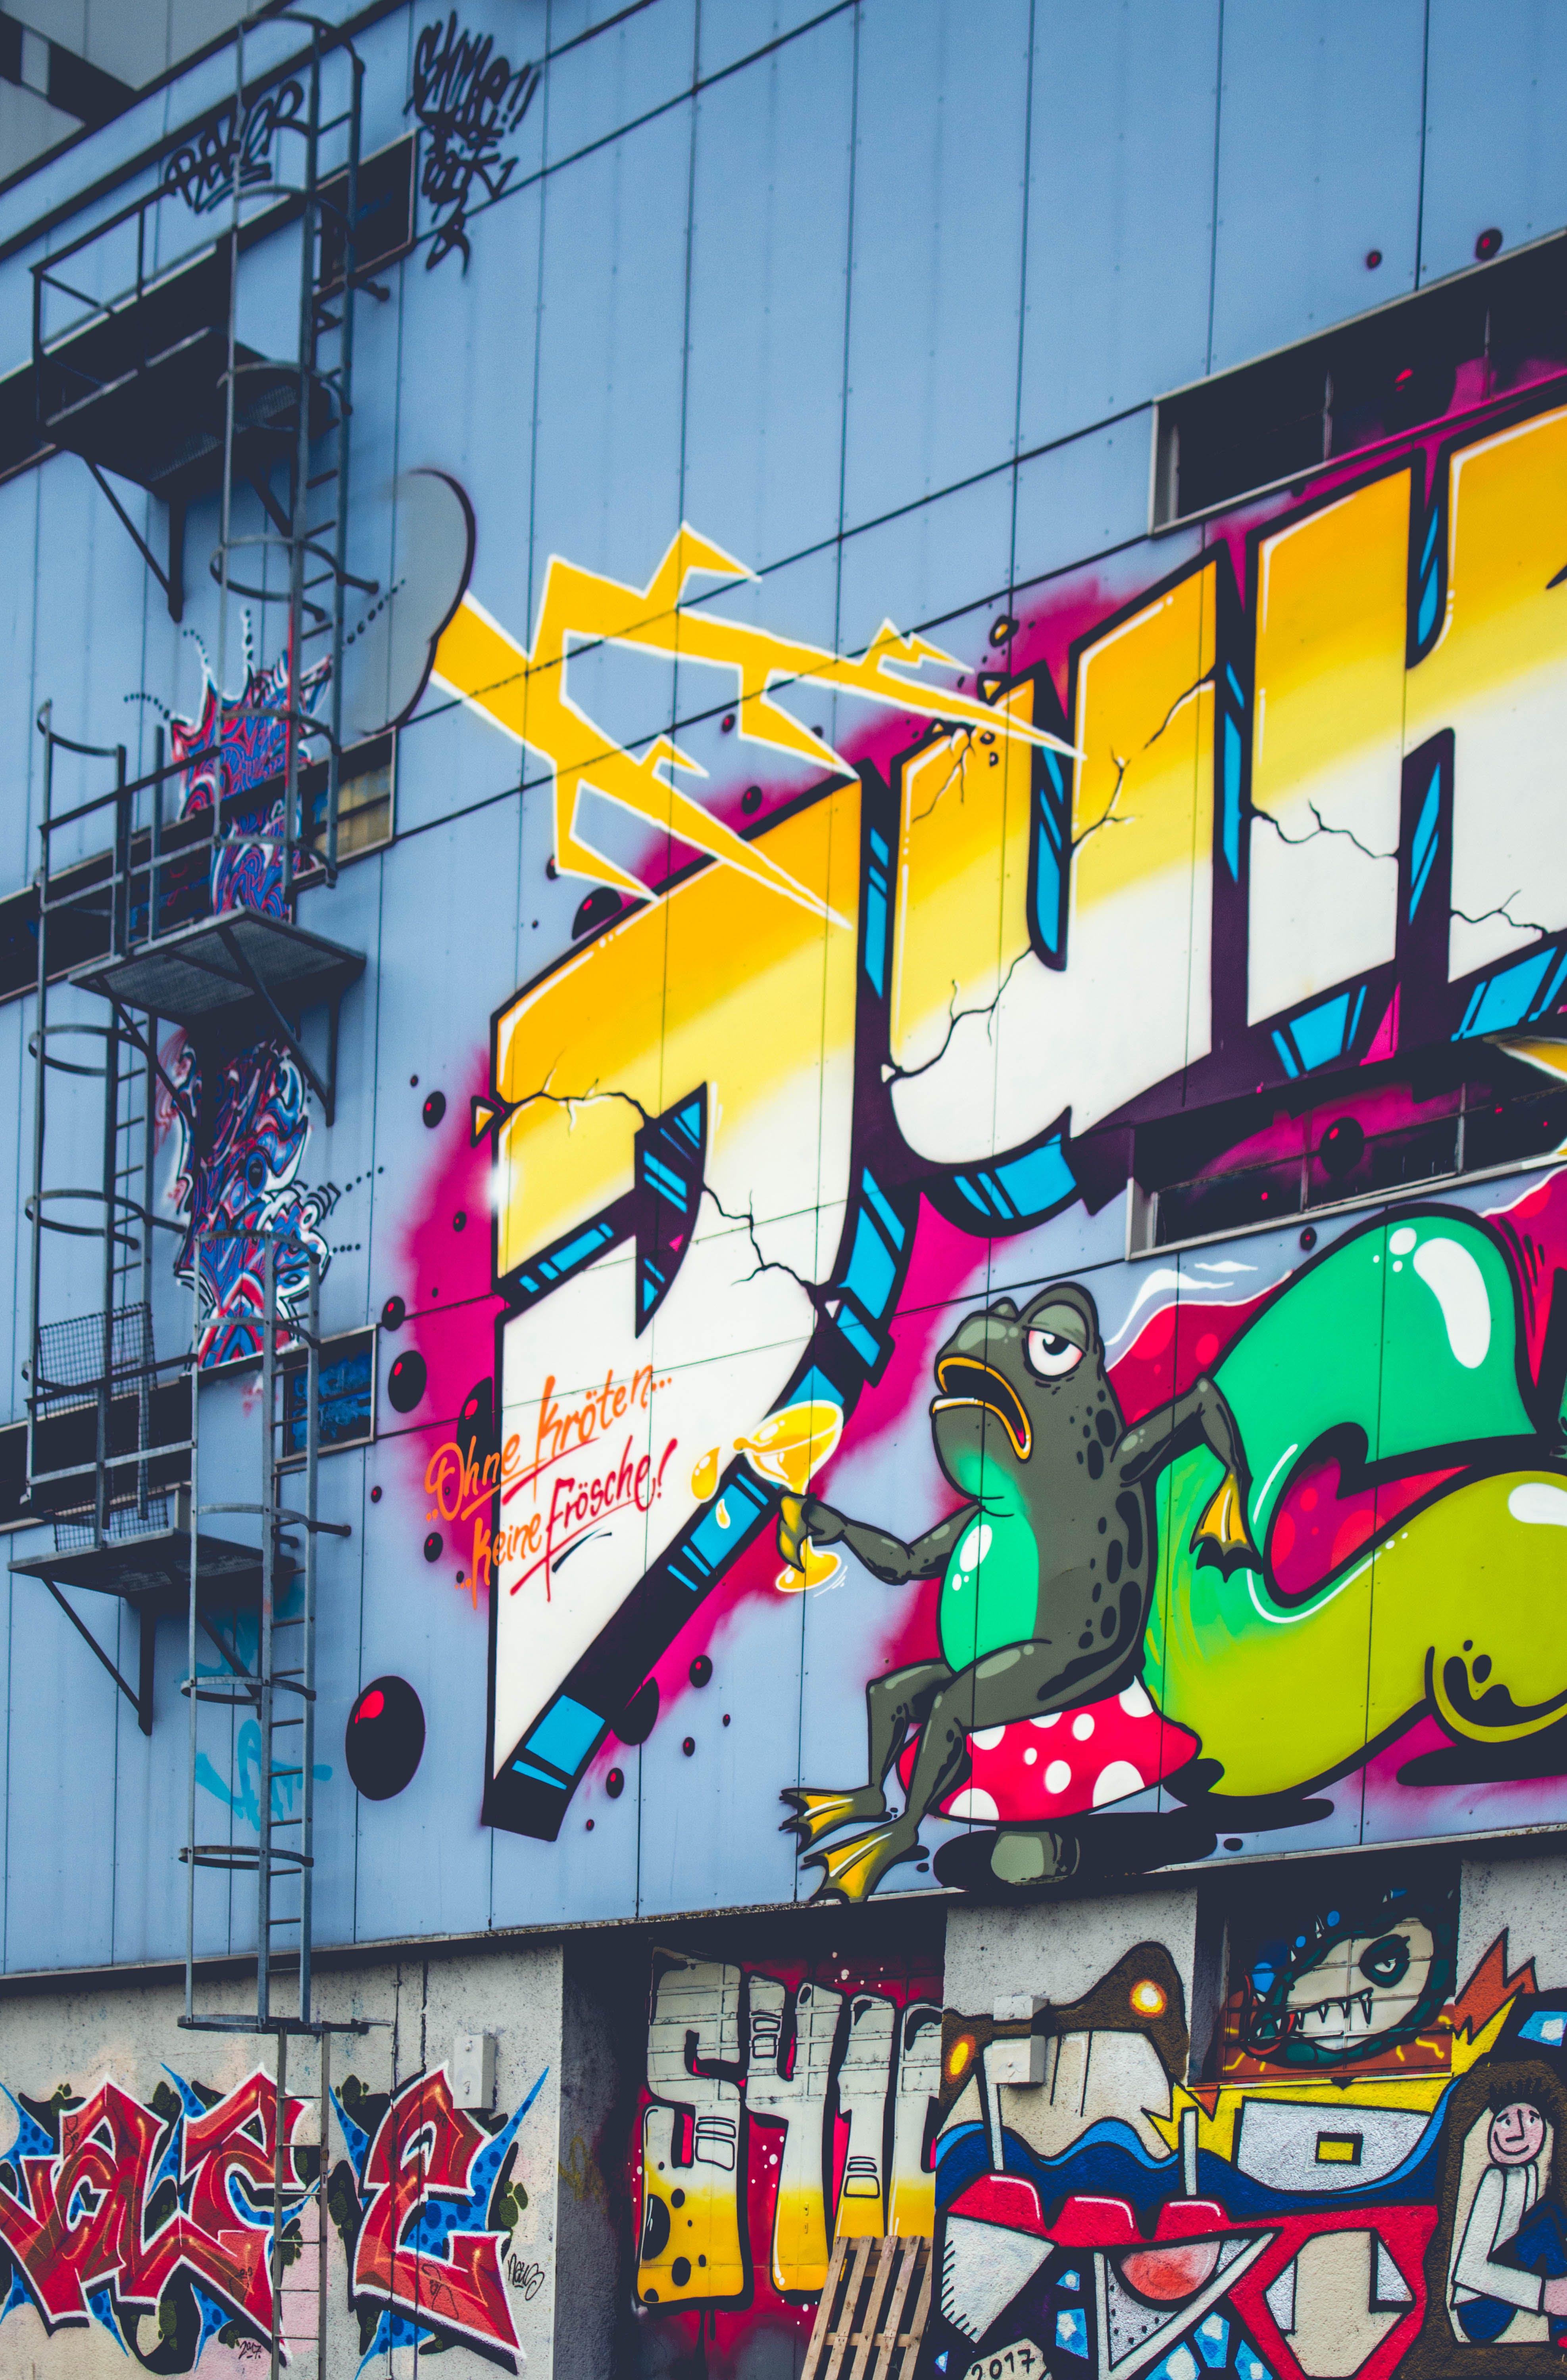 Free stock photo of art, street, graffiti, colorful